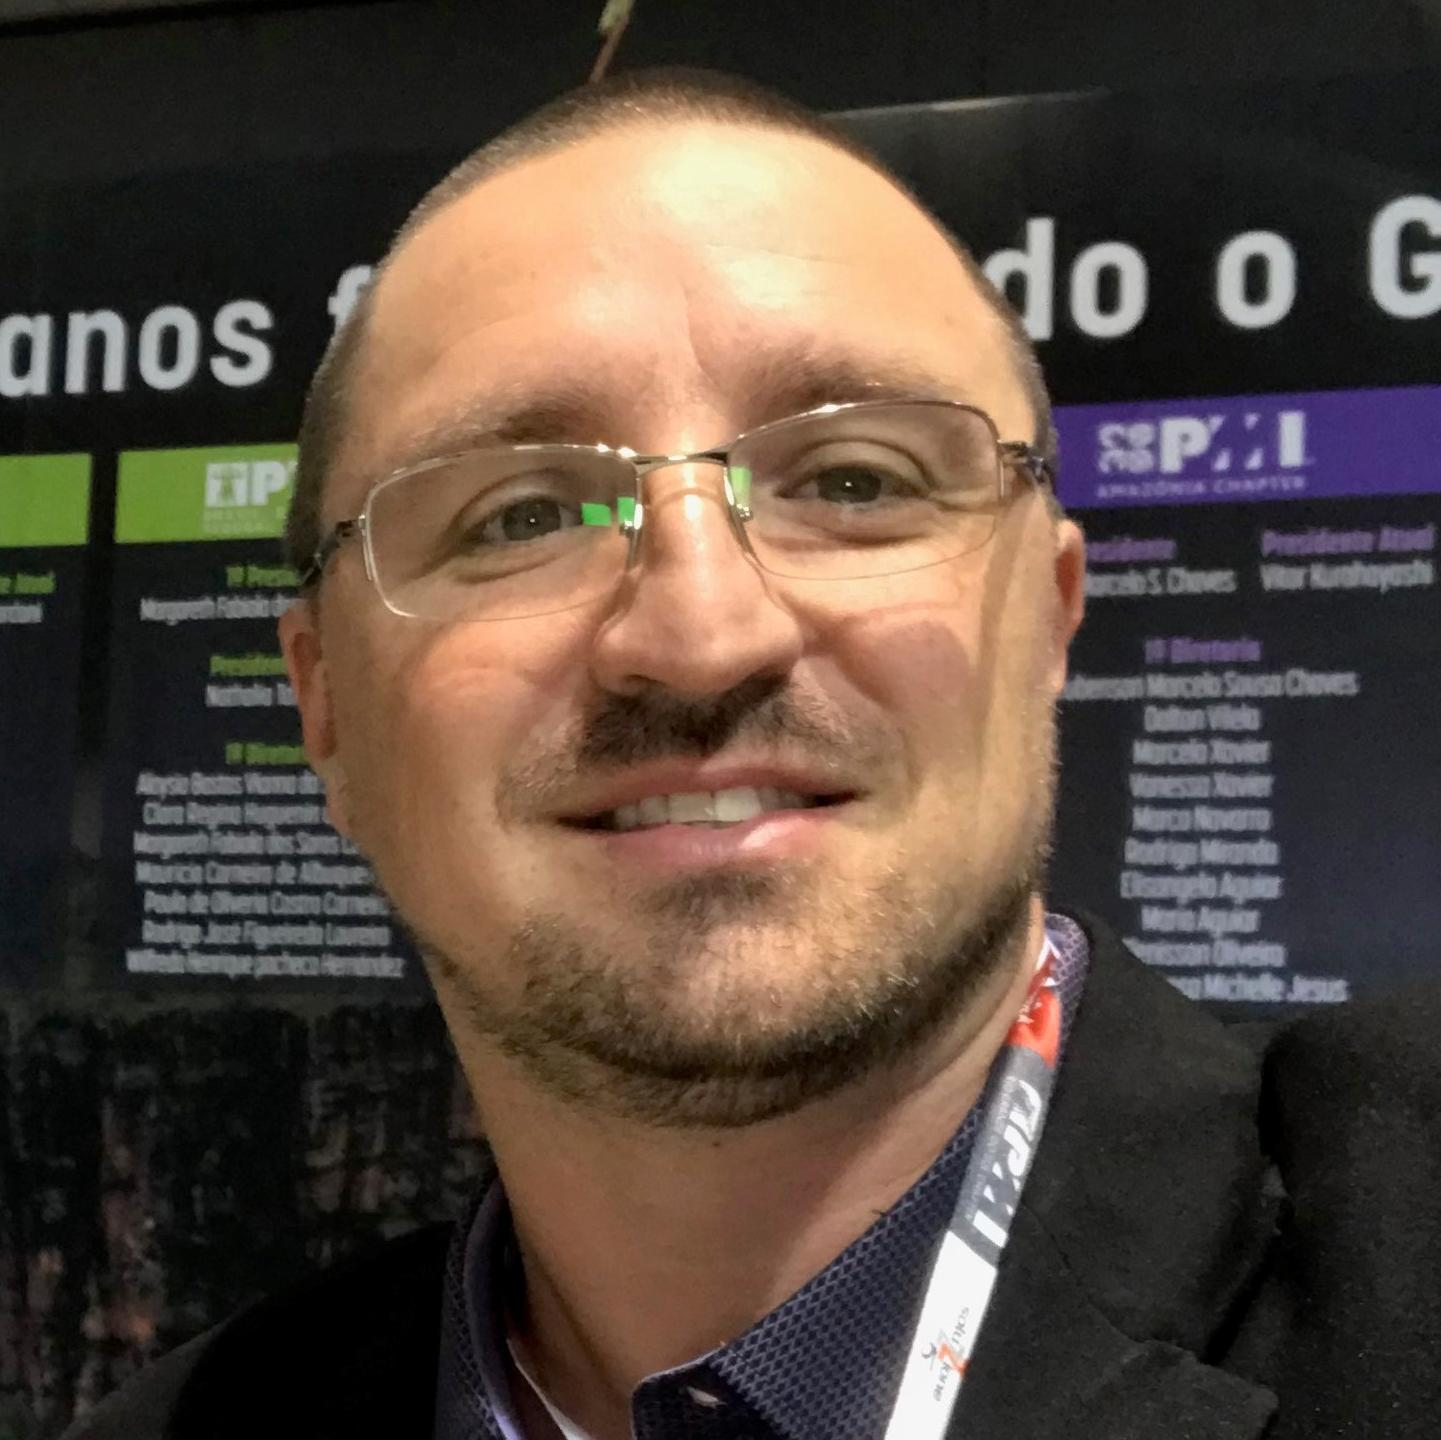 Ricardo Zago, PMP®